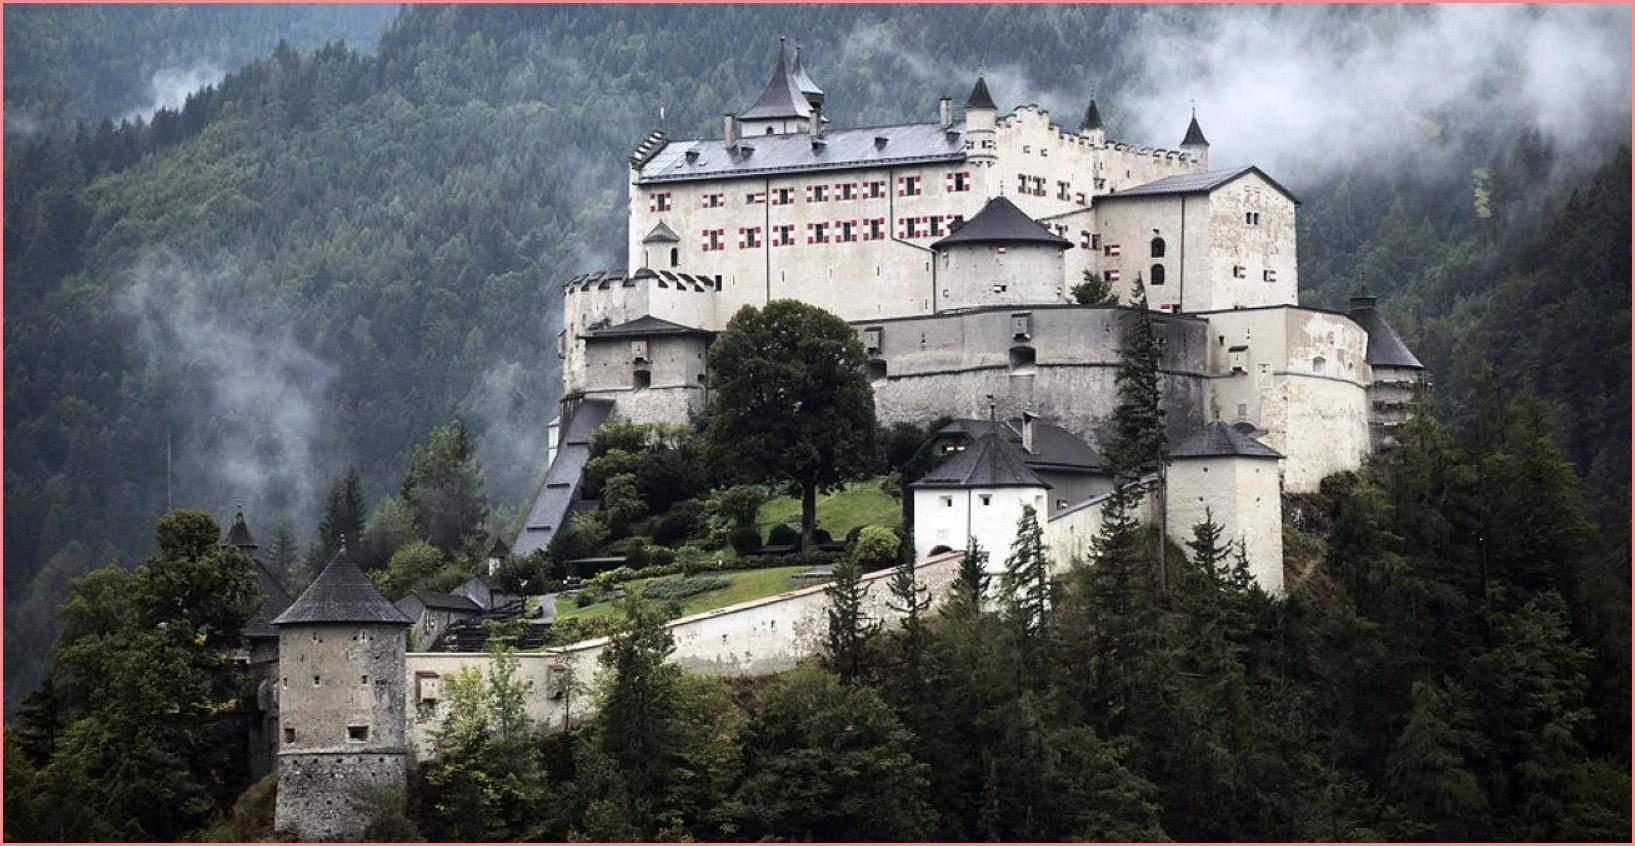 قلعة هوهن في سالزبورغ